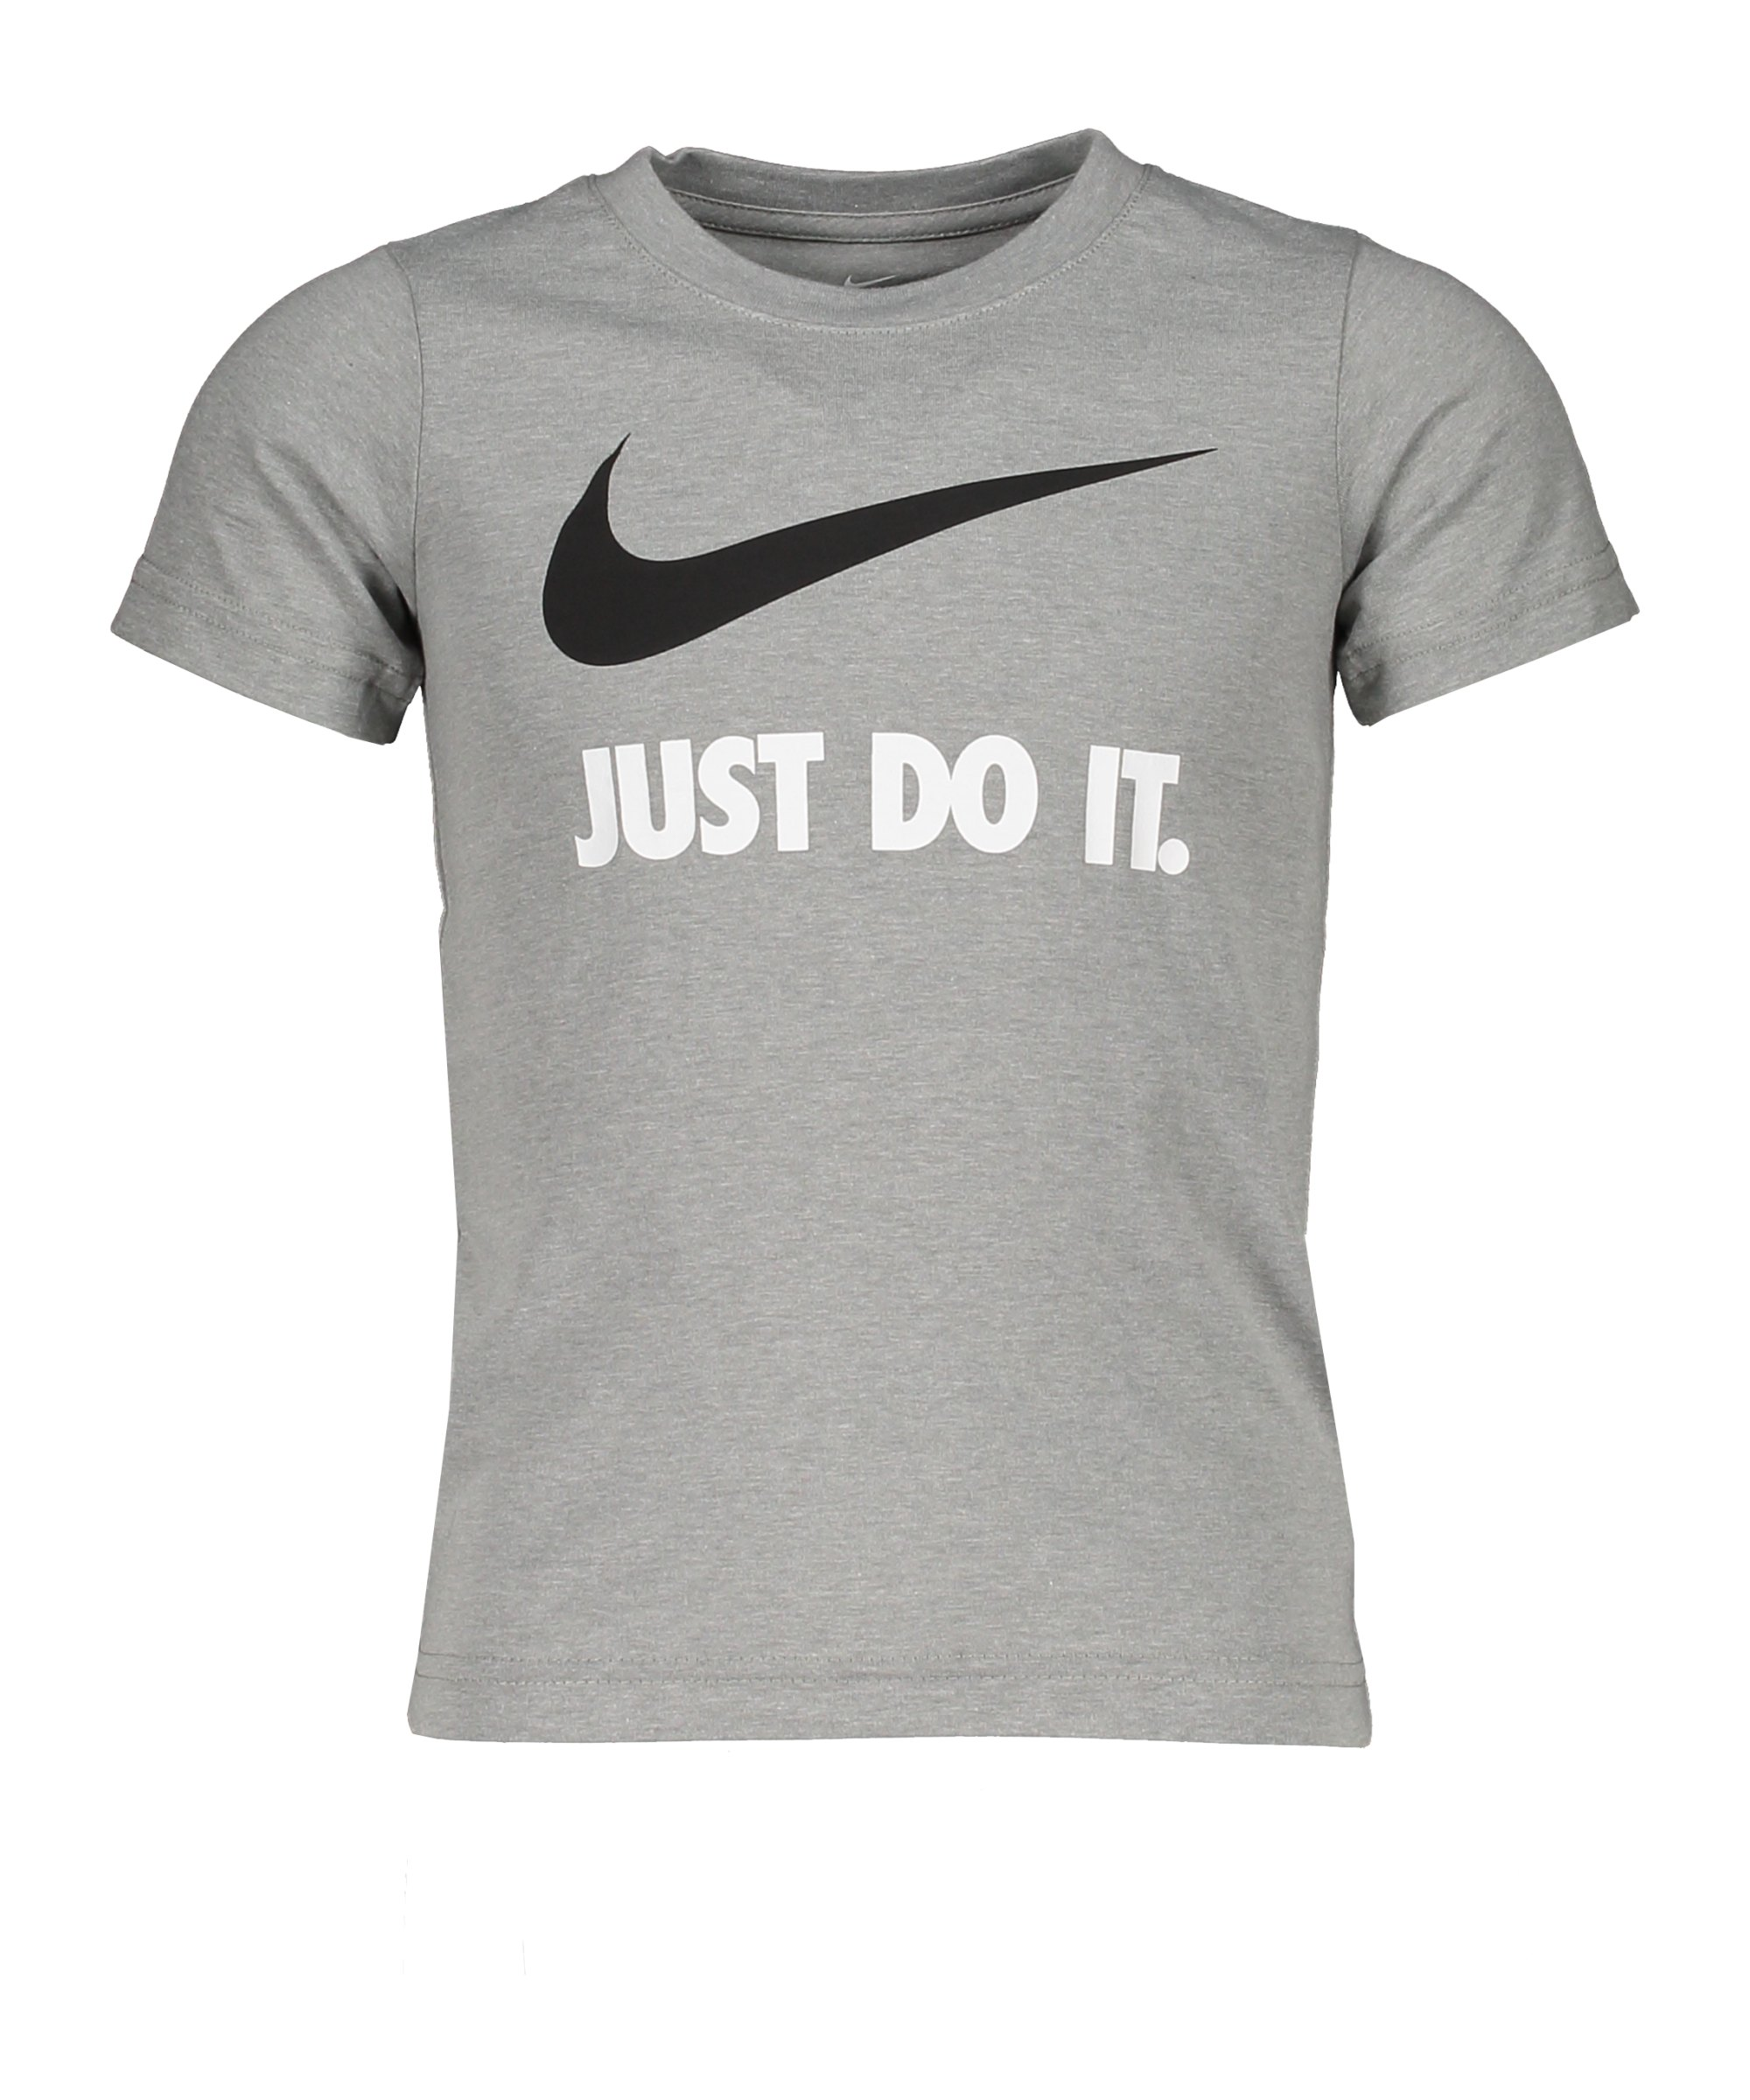 Nike Swoosh JDI T-Shirt Kids Grau Weiss FG1J - grau